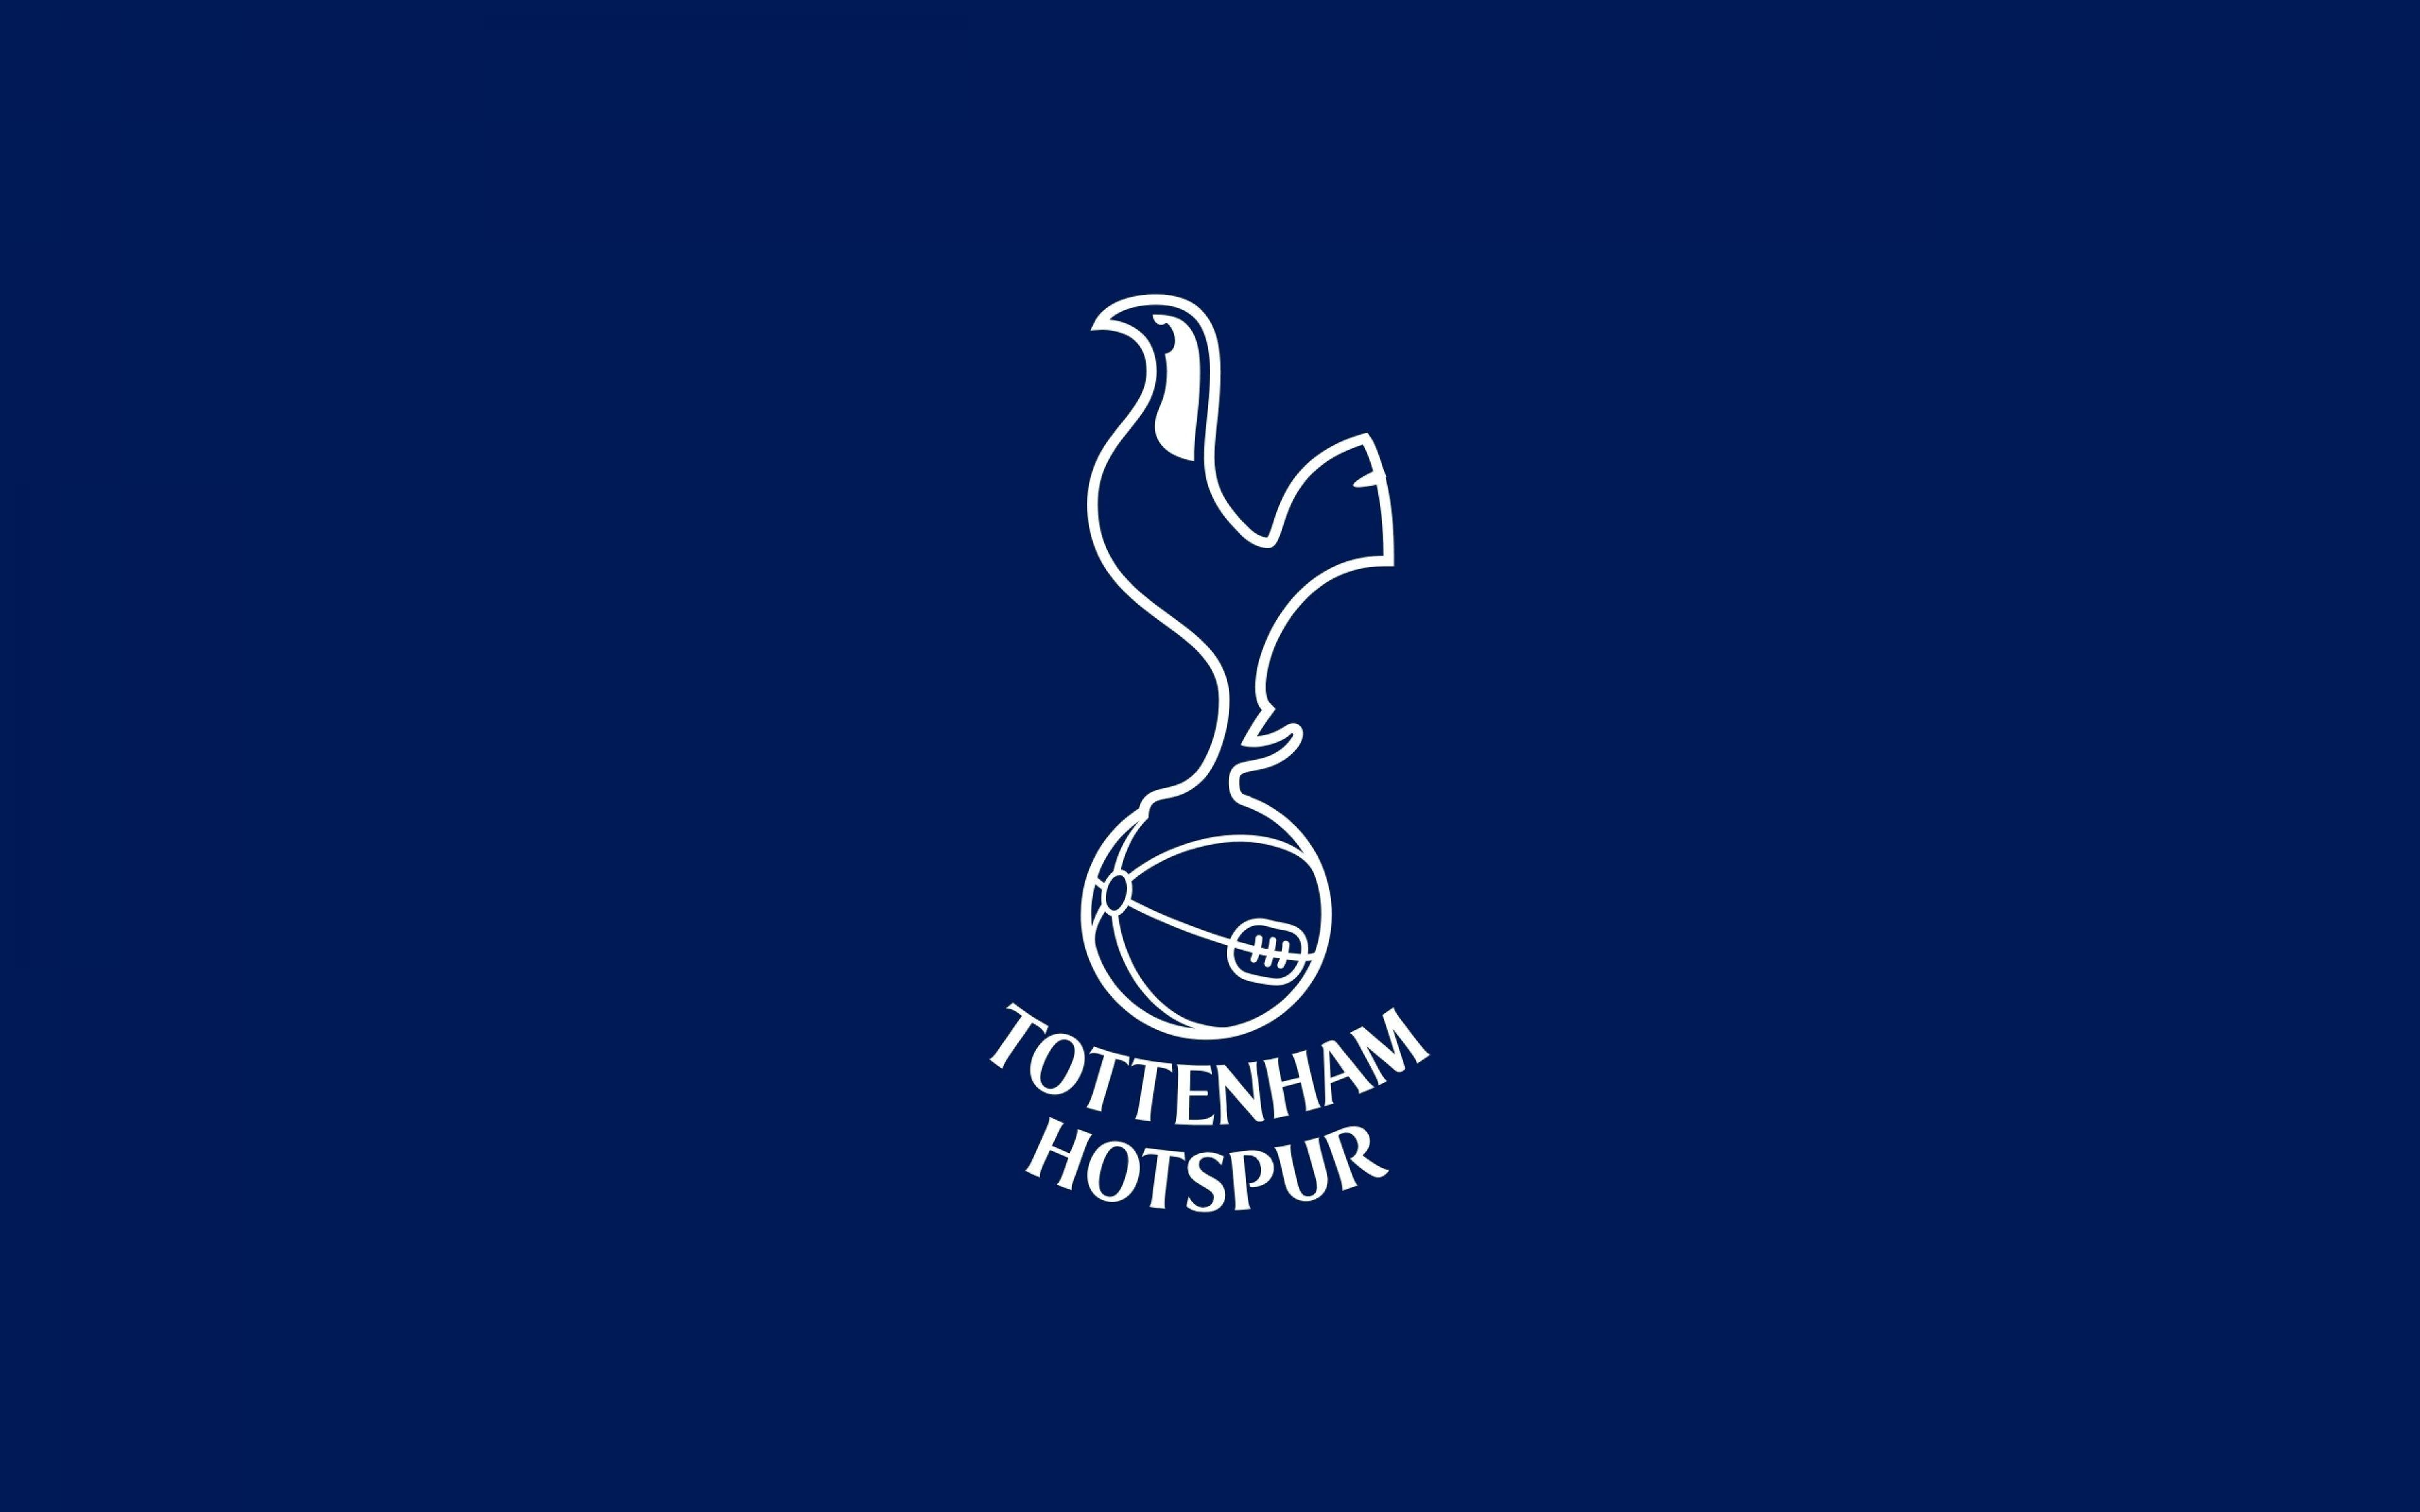 Tottenham Hotspur Wallpapers Wallpaper Cave